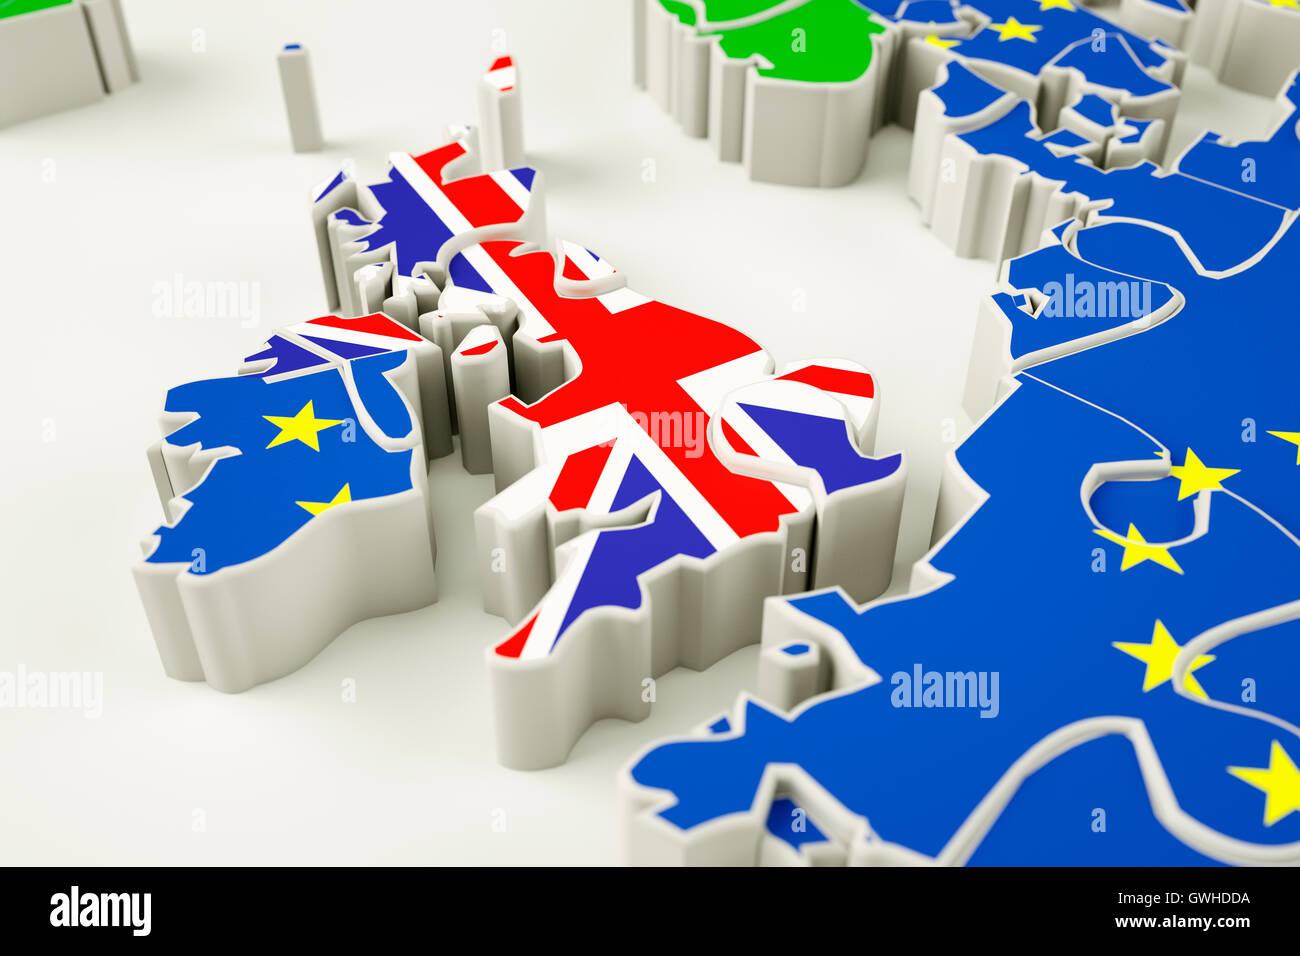 Brexit Brexit concept puzzle - représentant de l'UNION EUROPÉENNE, référendum, sortie au Photo Stock